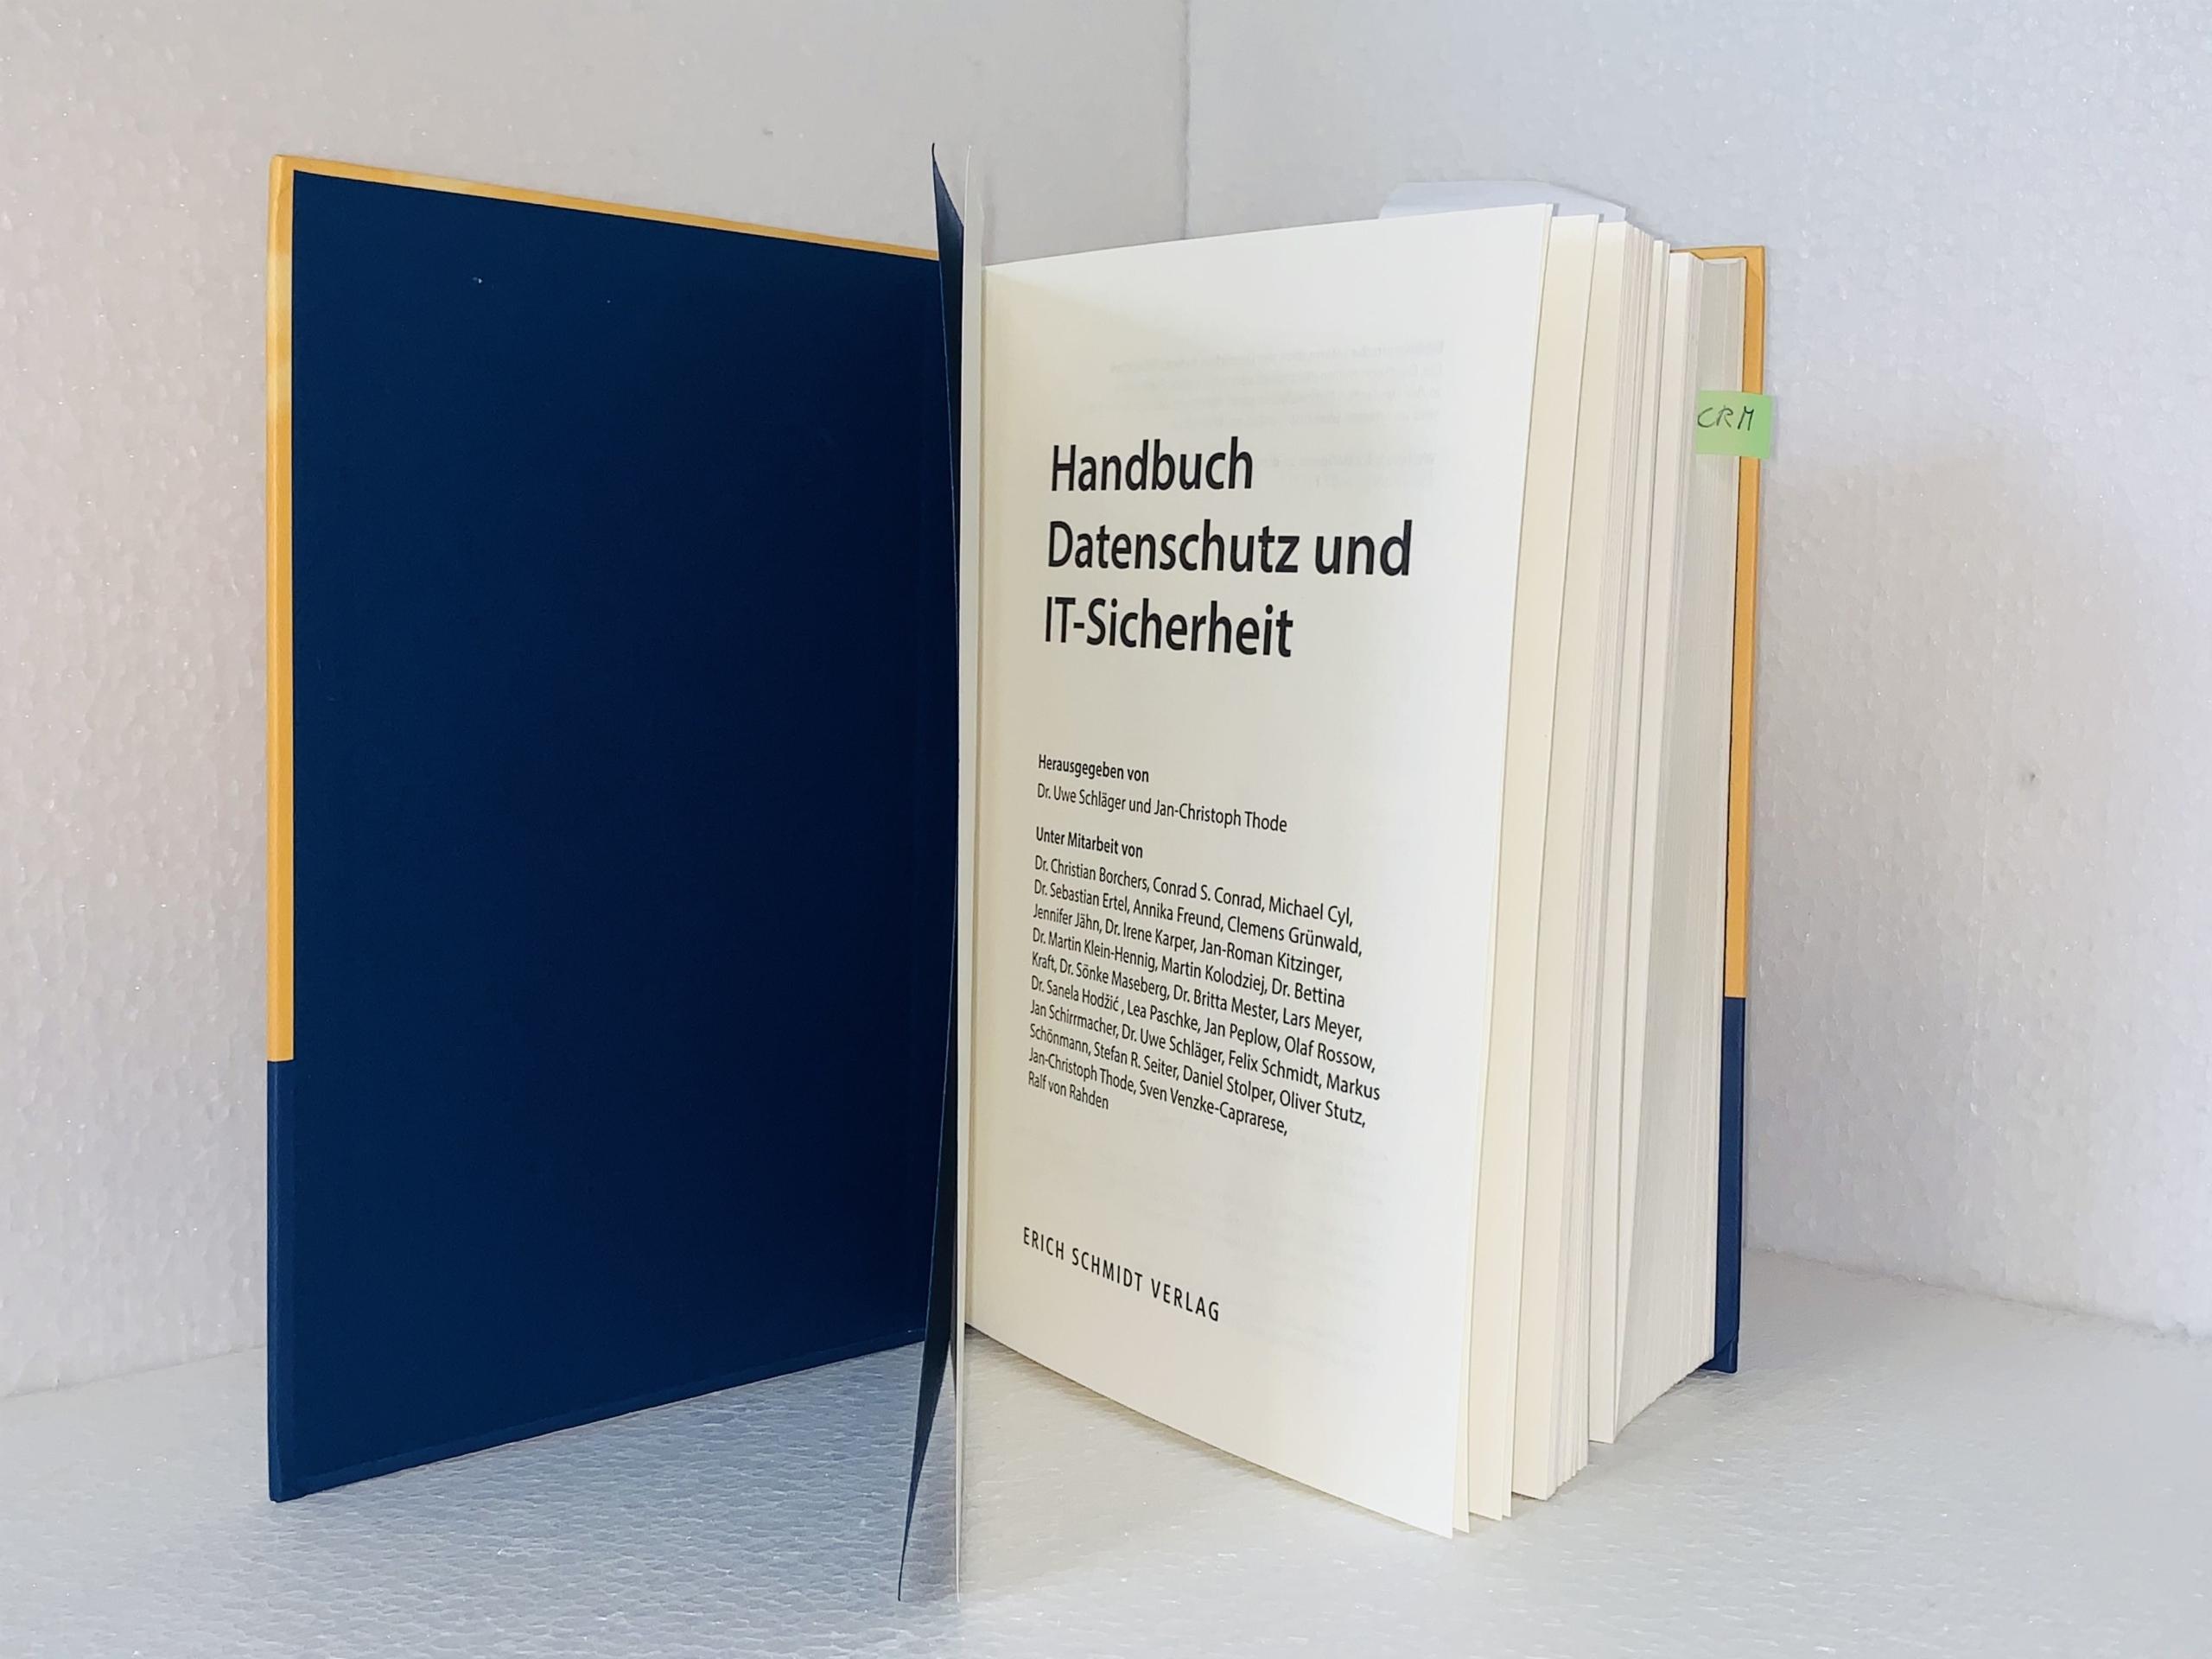 Handbuch Datenschutz und IT-Sicherheit Inhalt